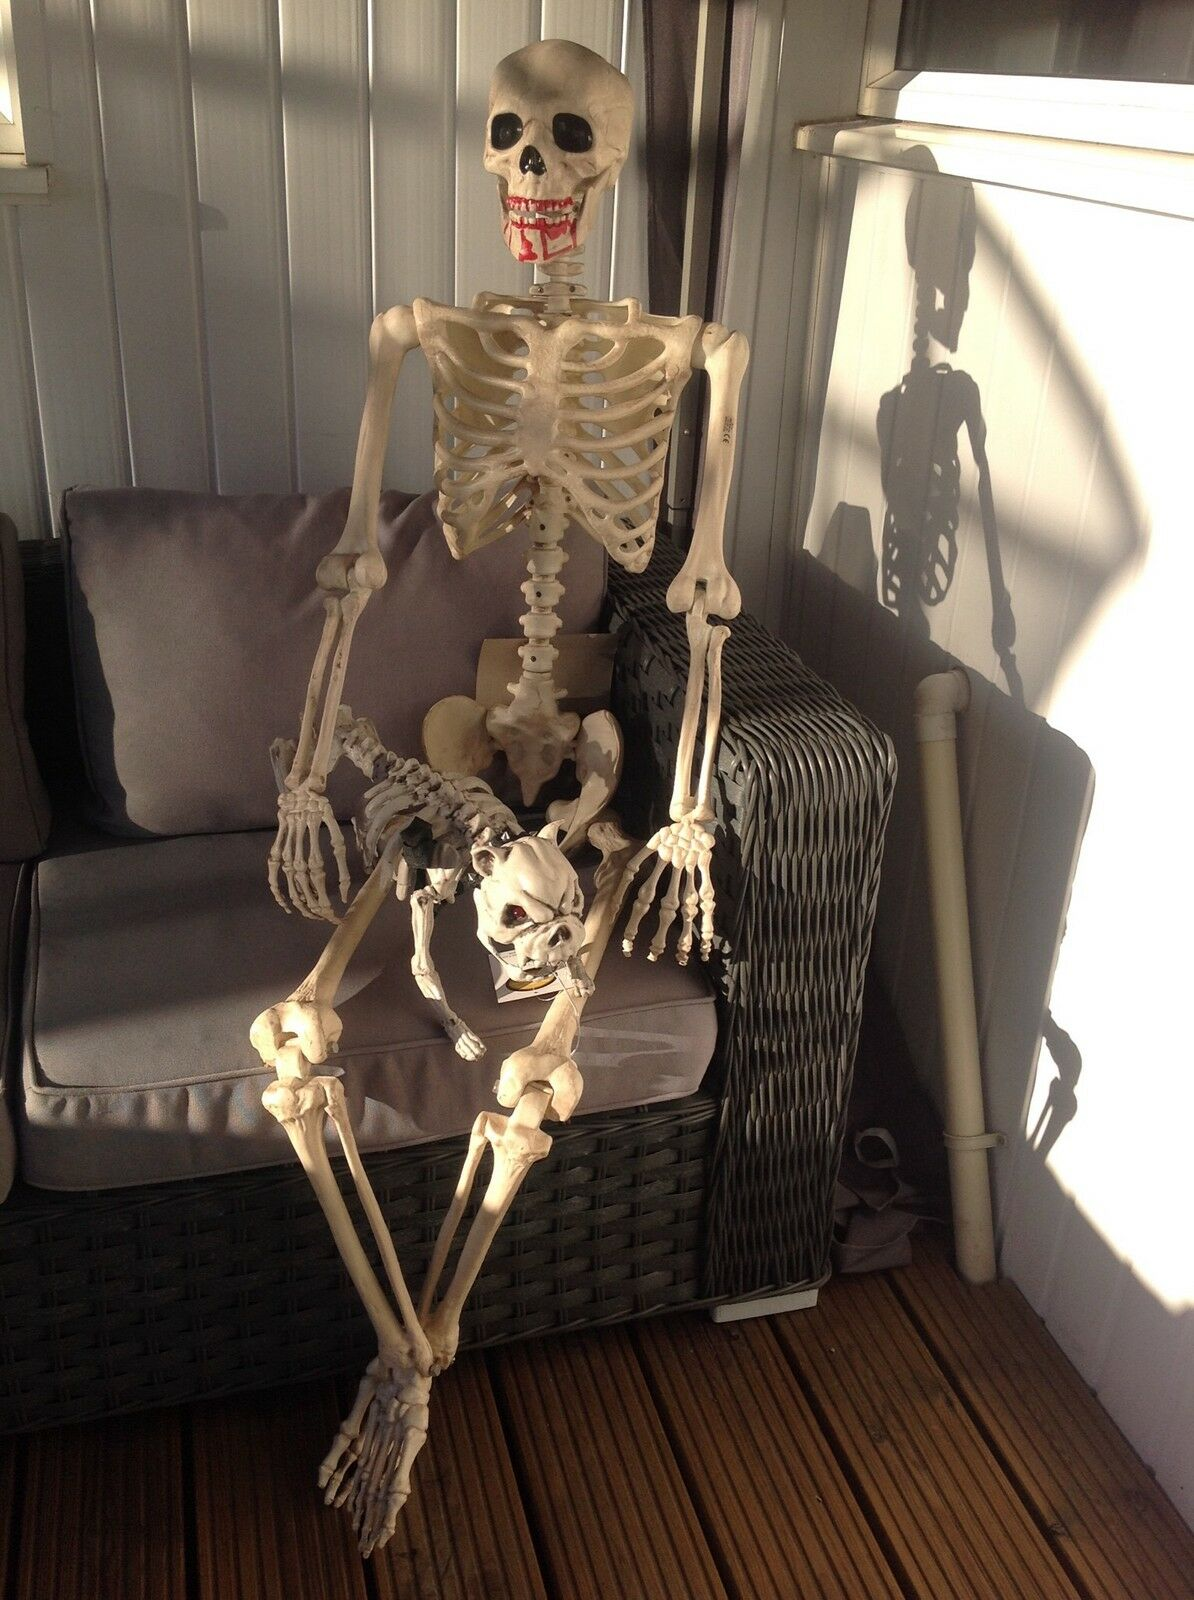 Halloween bundle 5ft led skeleton  & dog great prop